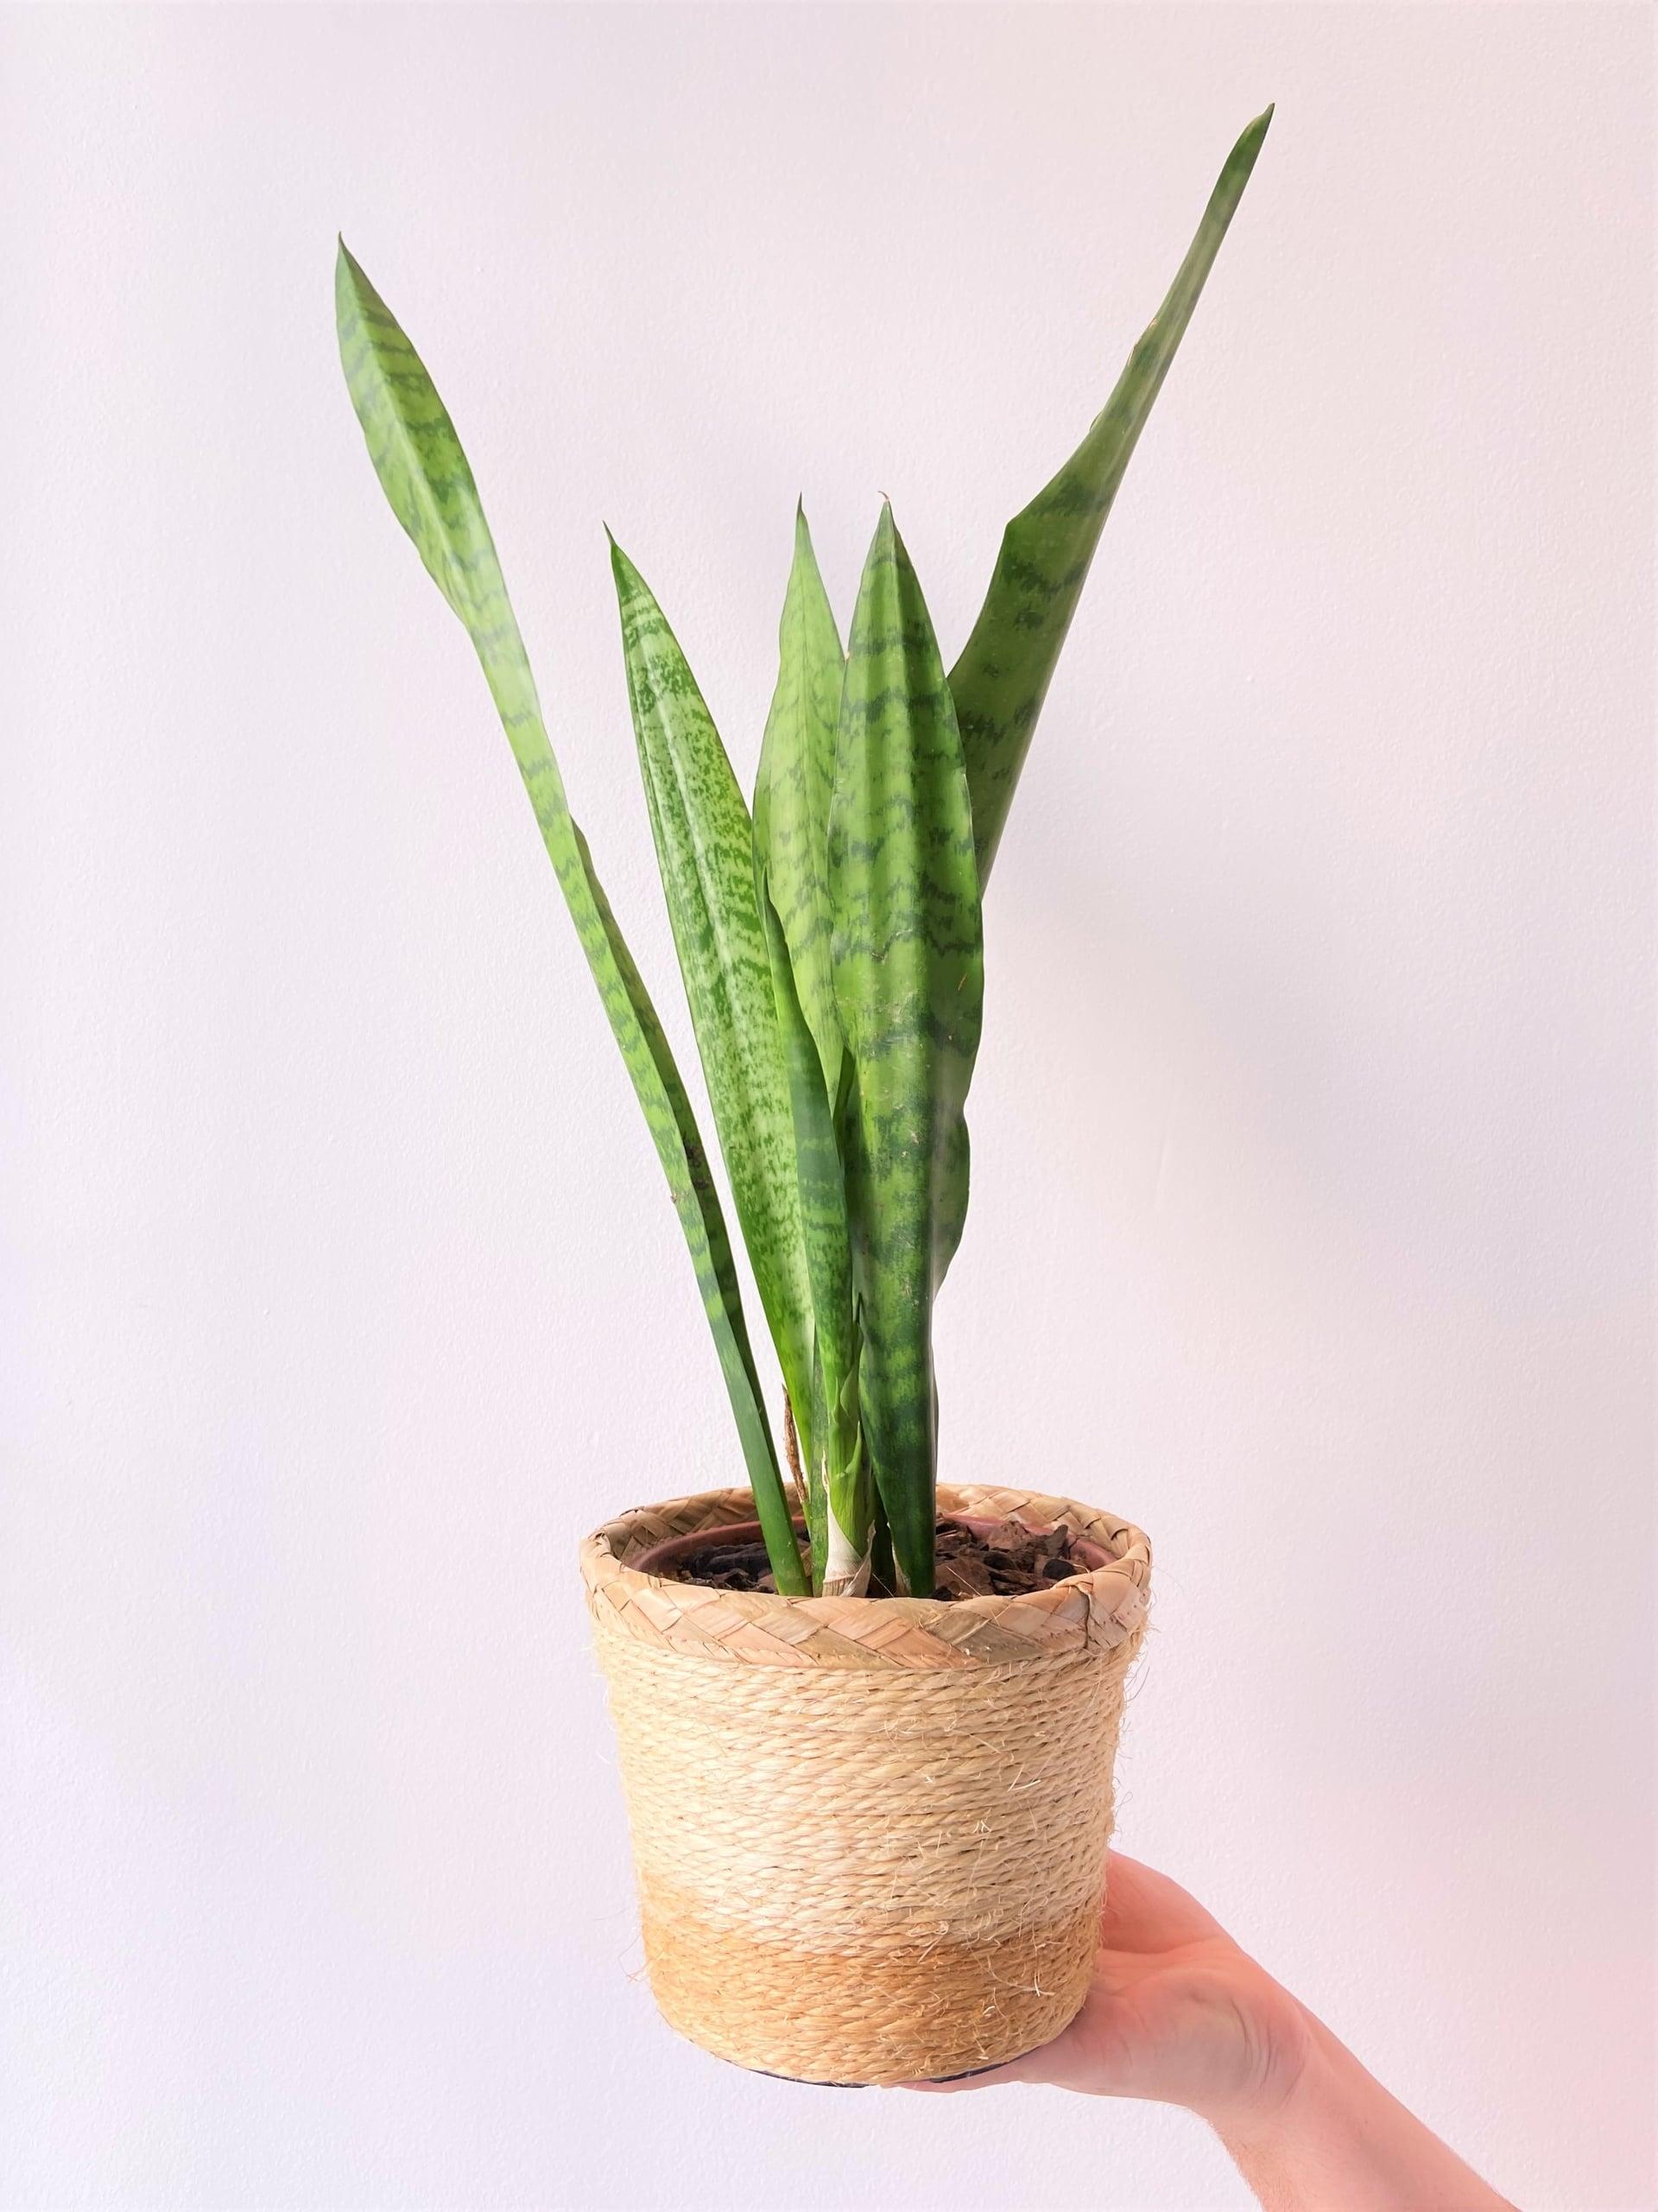 Plantas para ter em casa: Espada de São Jorge (Dracaena trifasciata). Foto: Arquiteca Projetos.